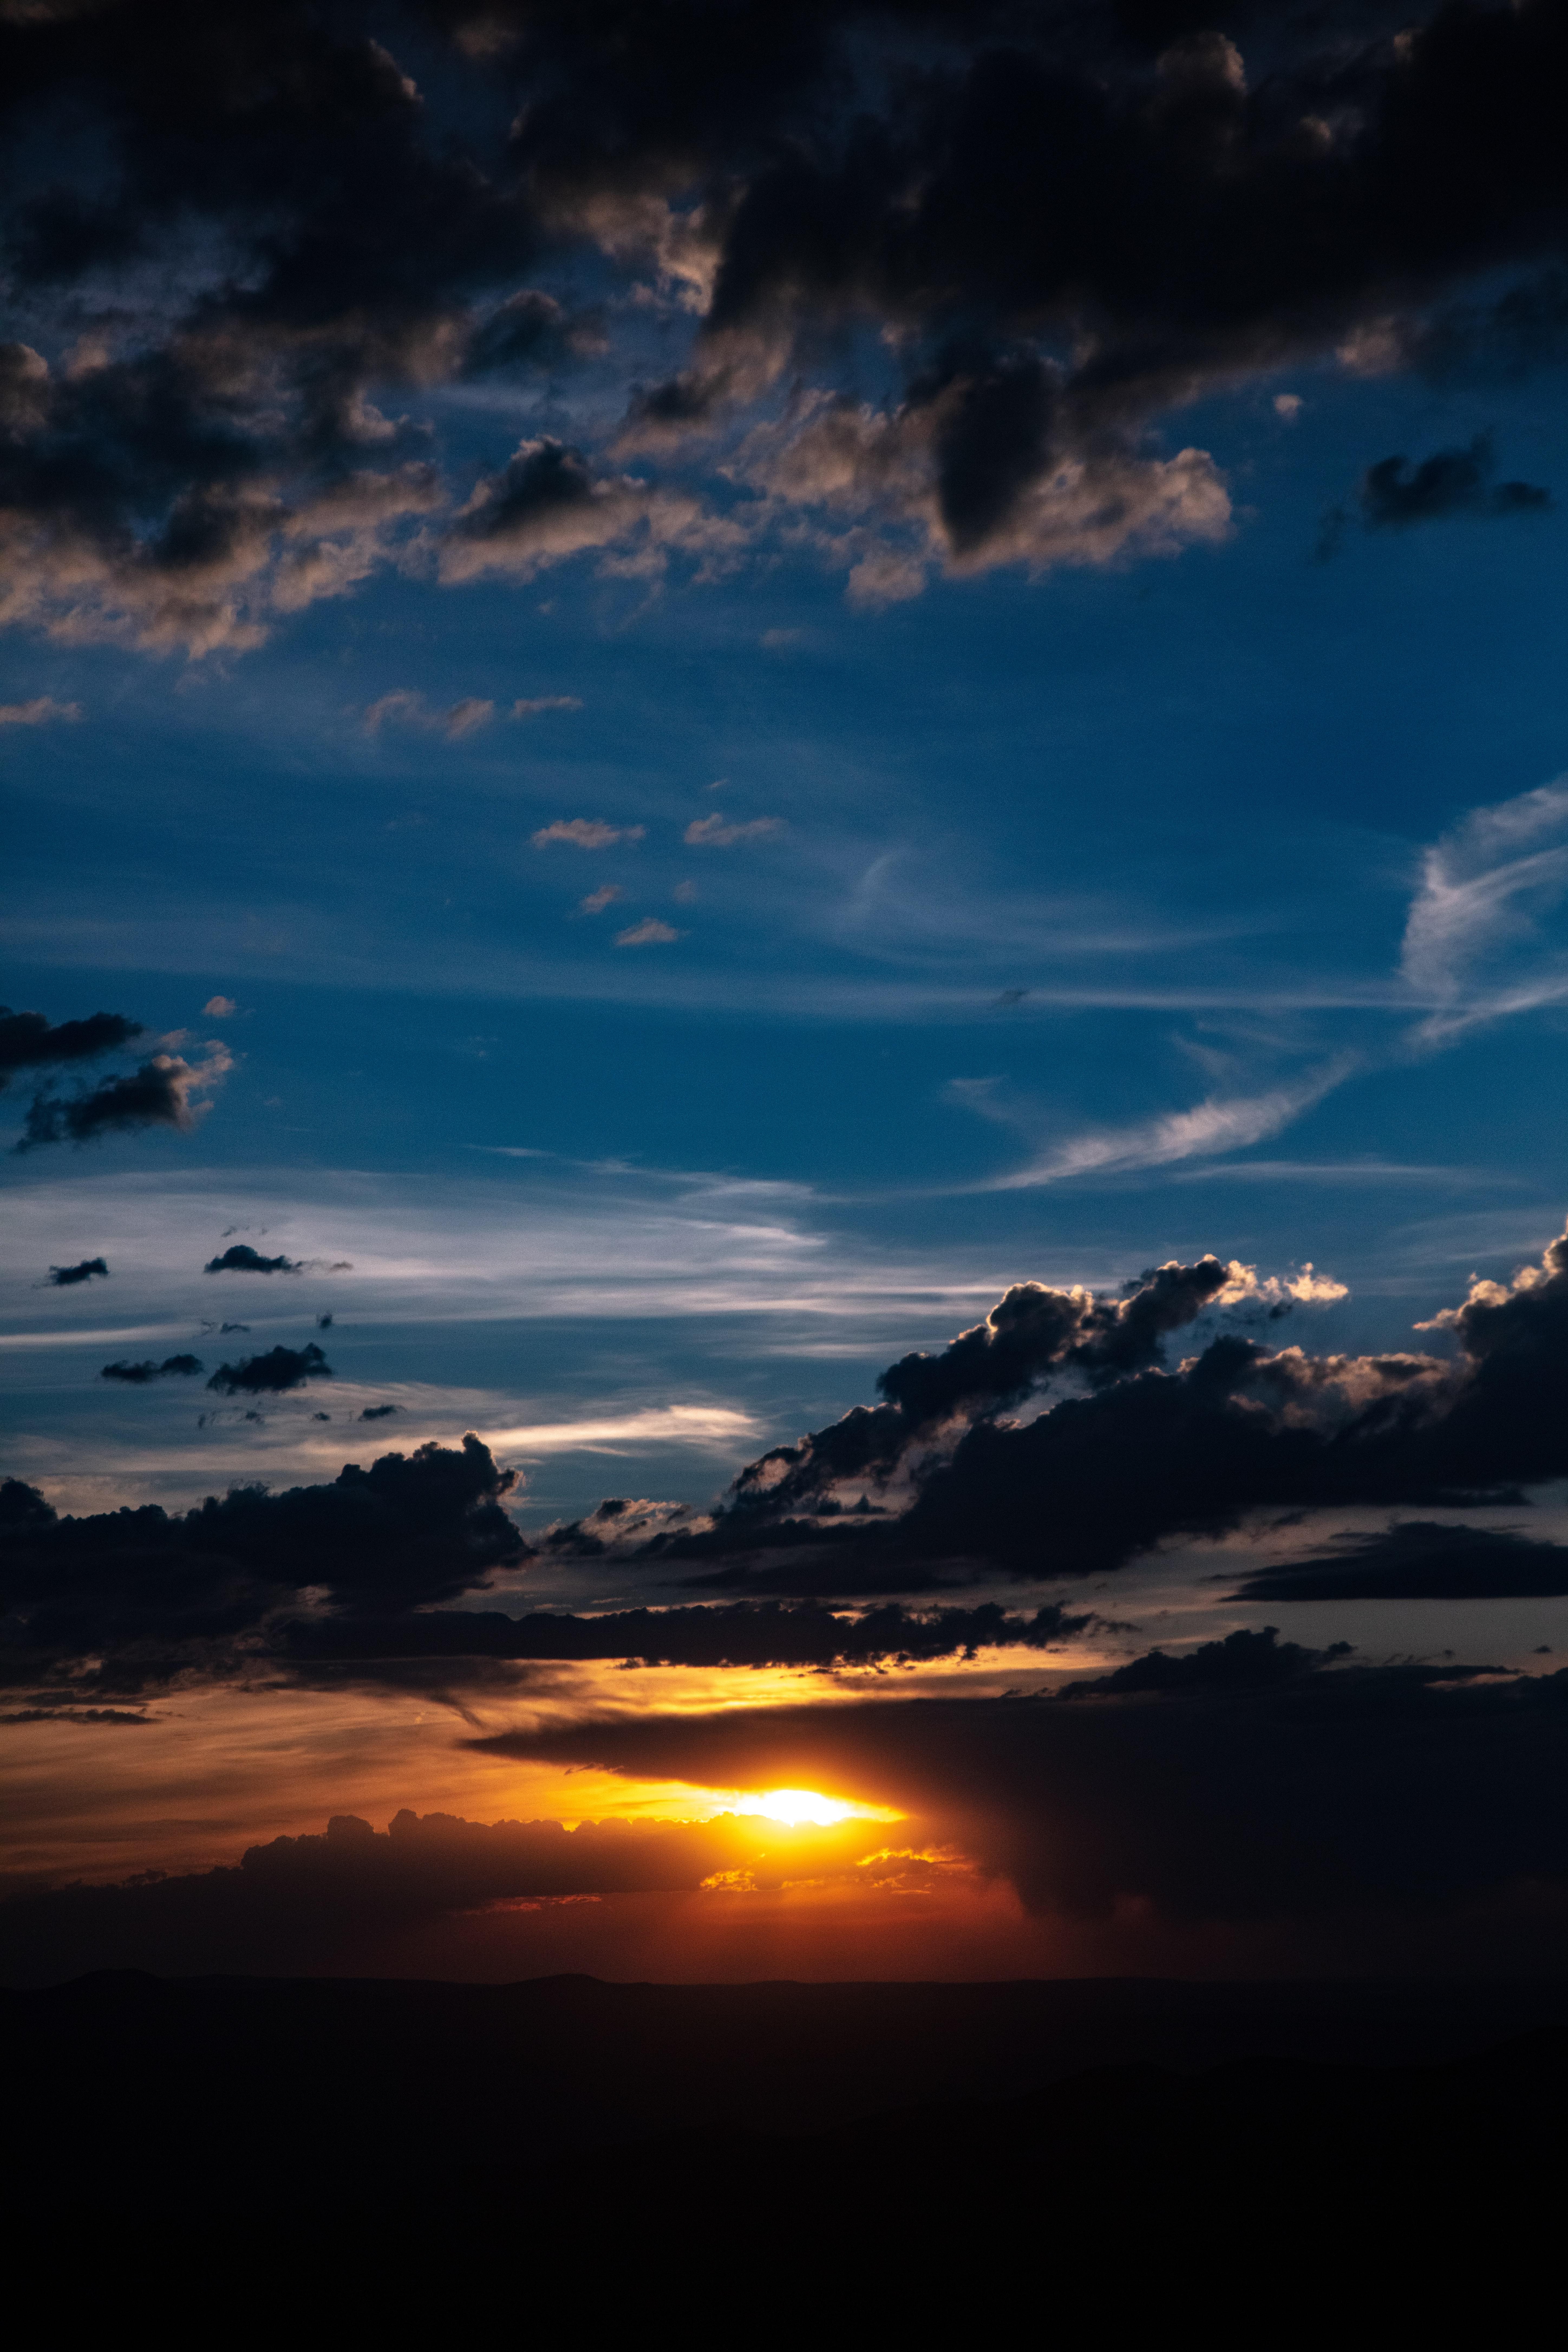 157354 Hintergrundbild herunterladen Clouds, Sun, Sunset, Dunkel, Dämmerung, Twilight - Bildschirmschoner und Bilder kostenlos